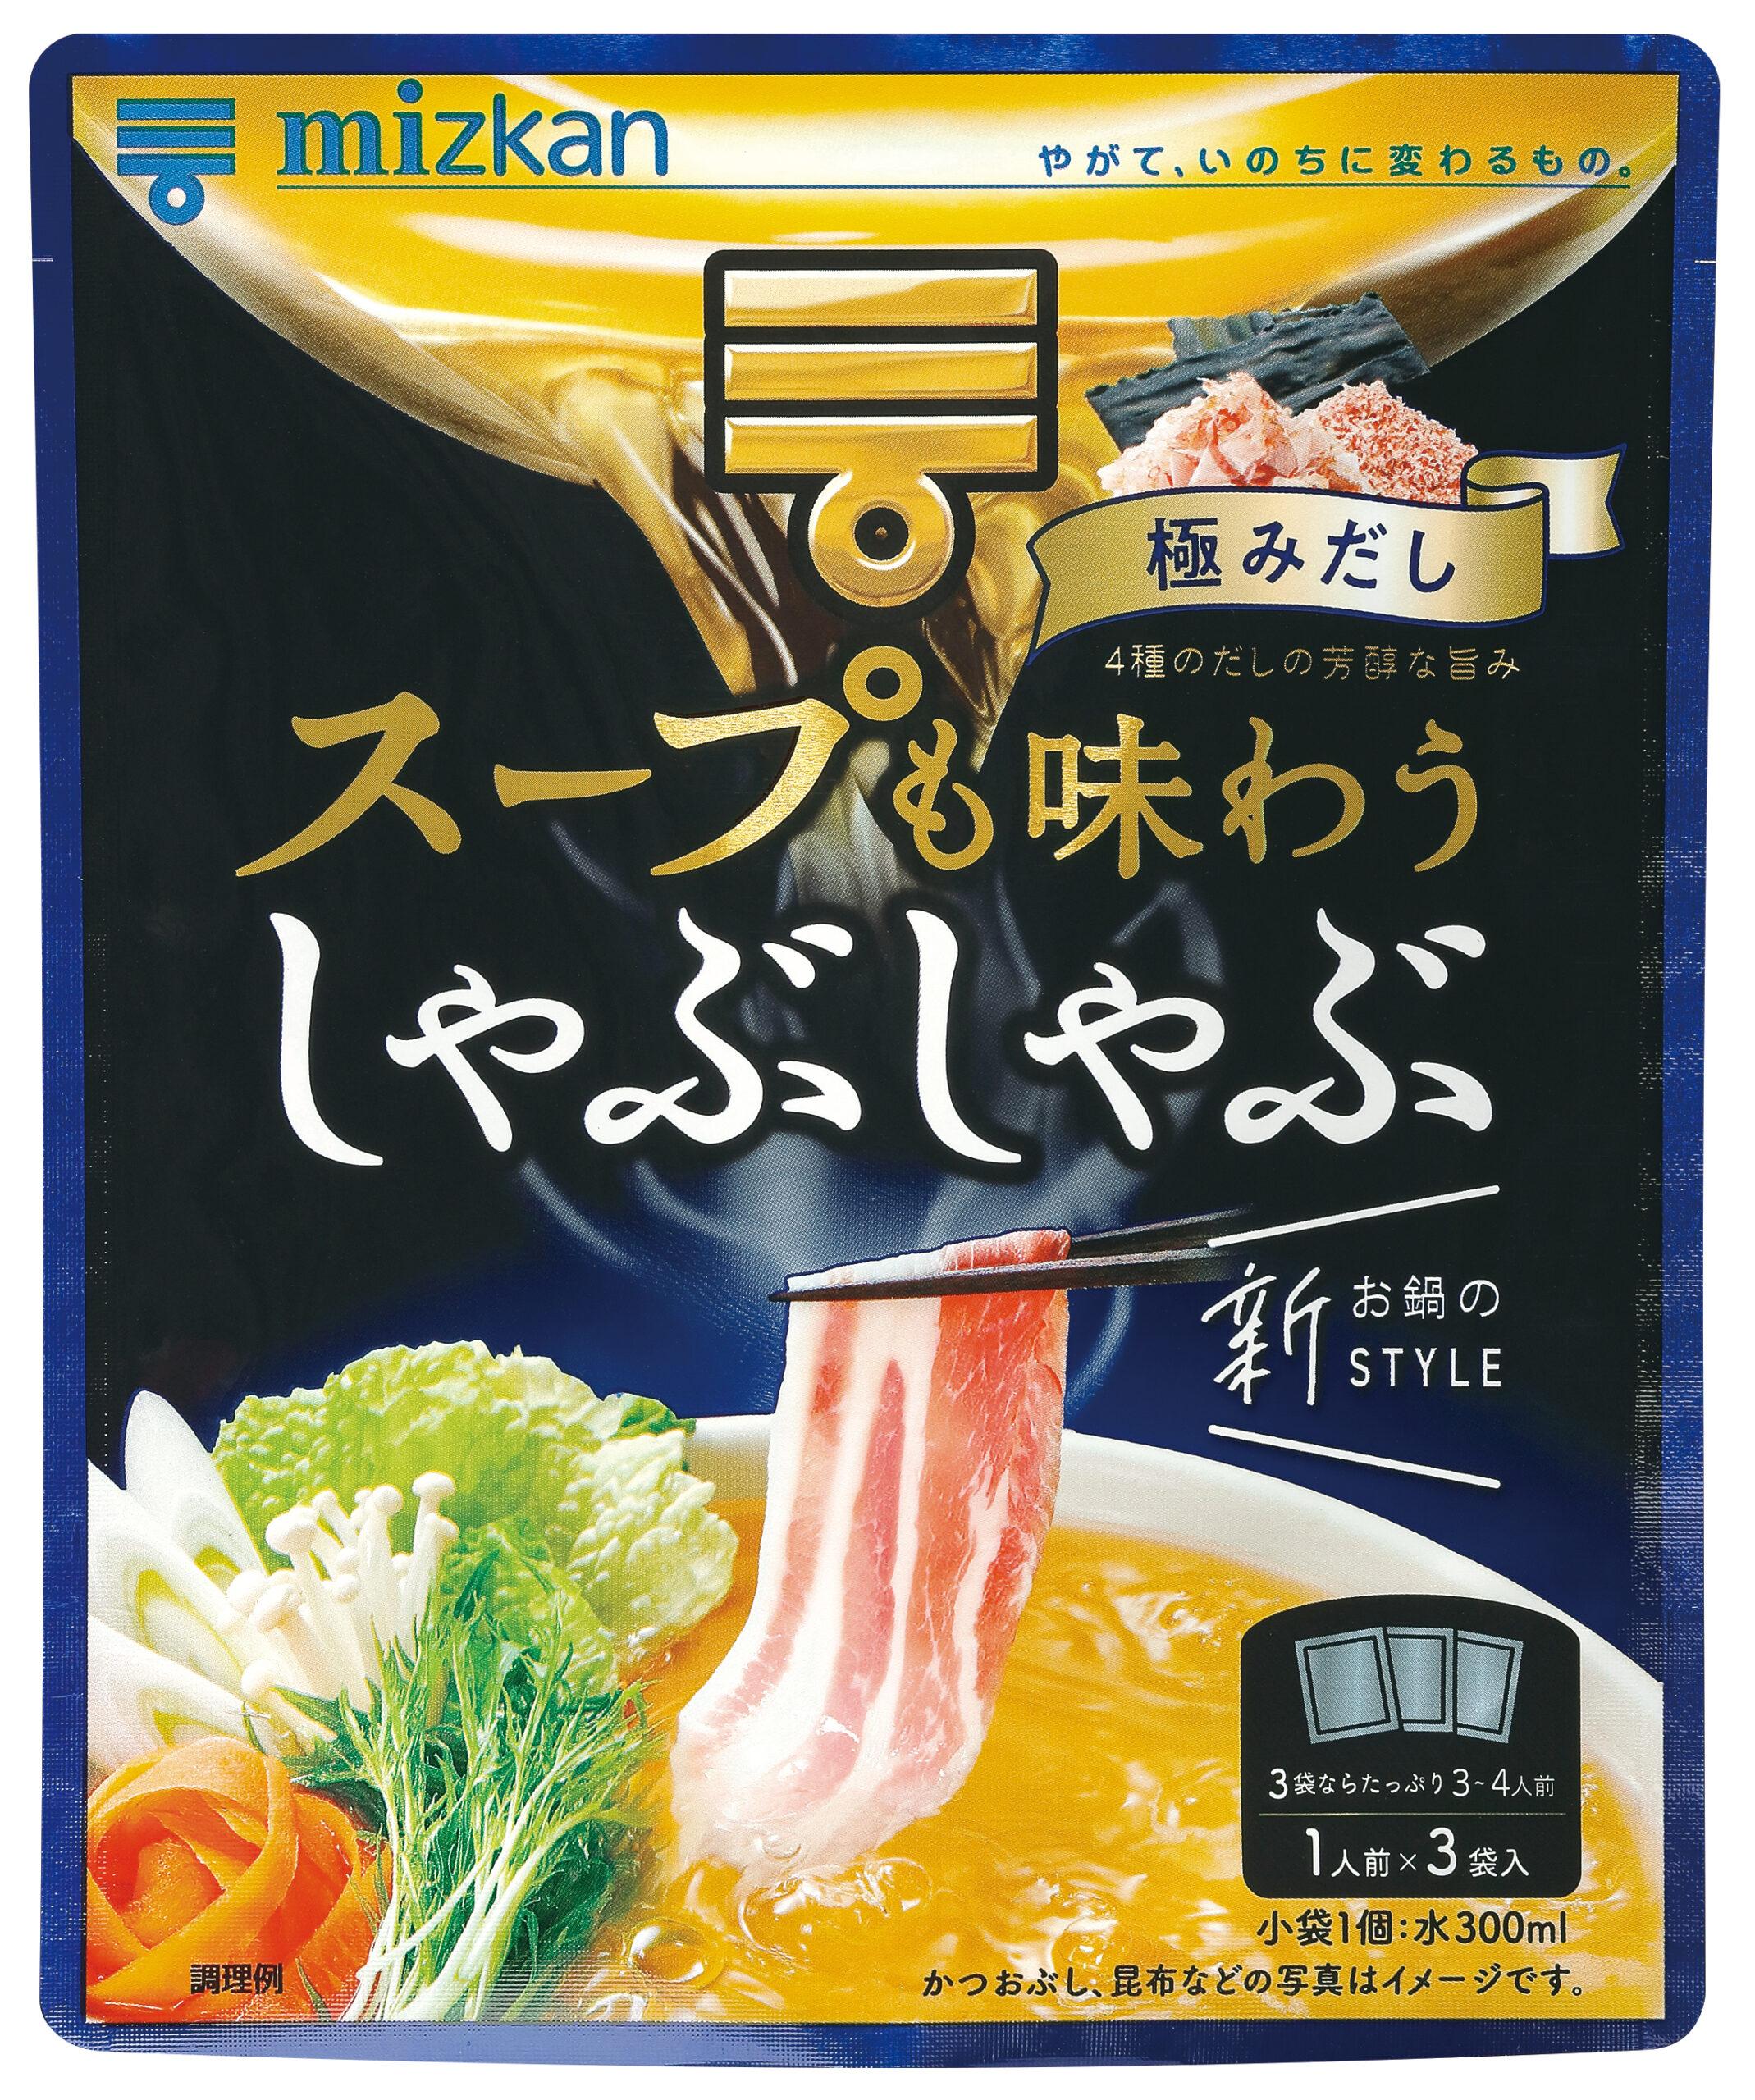 スープも味わうしゃぶしゃぶ